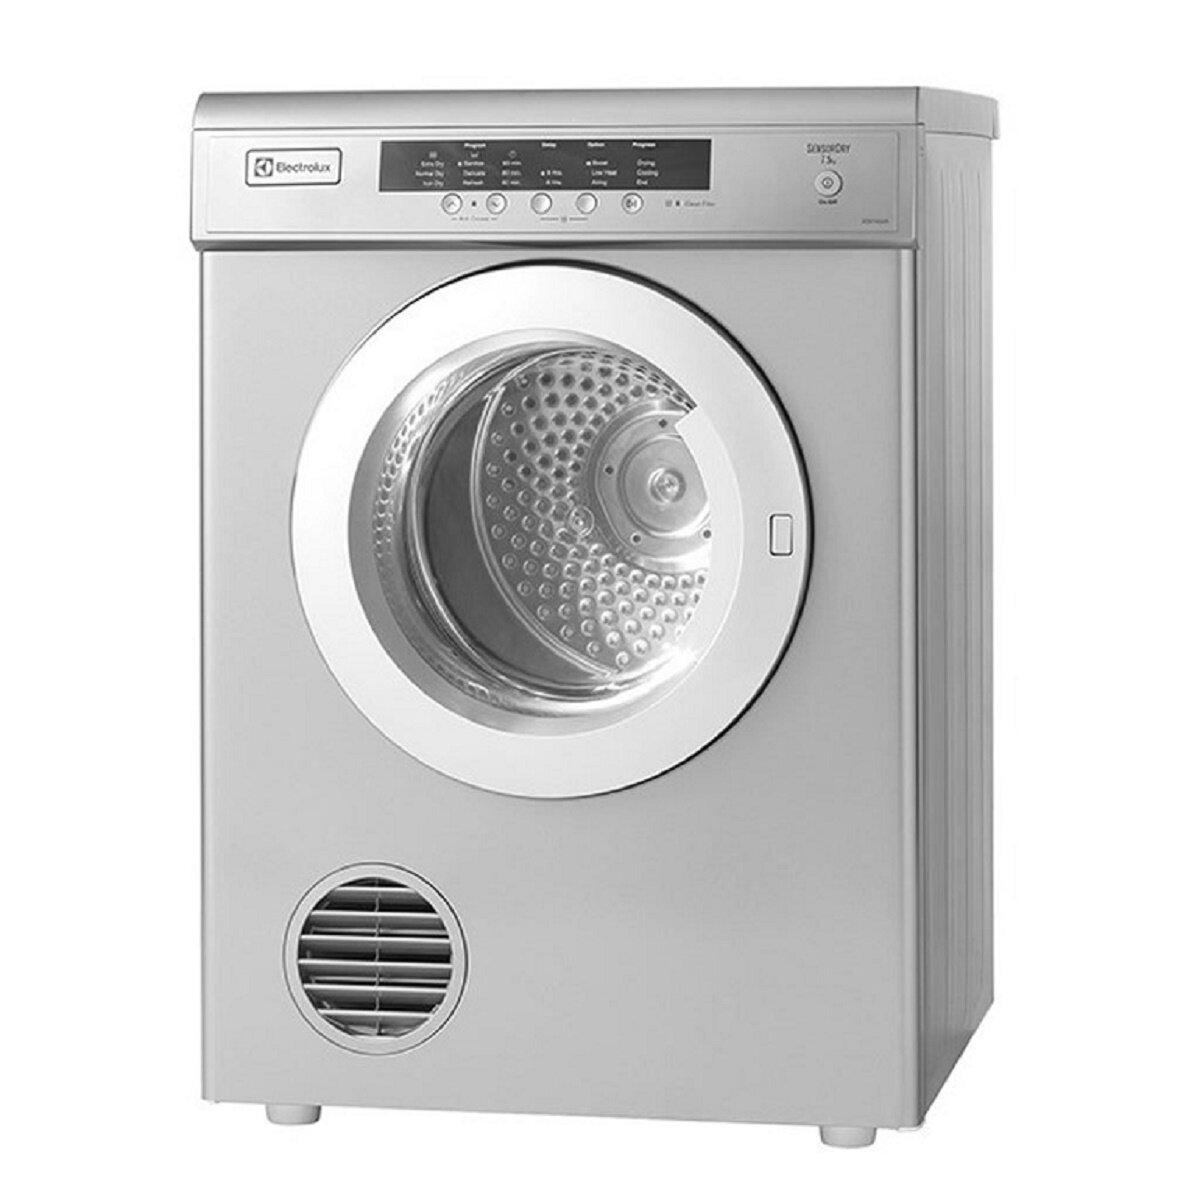 Nguồn gốc máy sấy quần áo Electrolux của nước nào sản xuất?